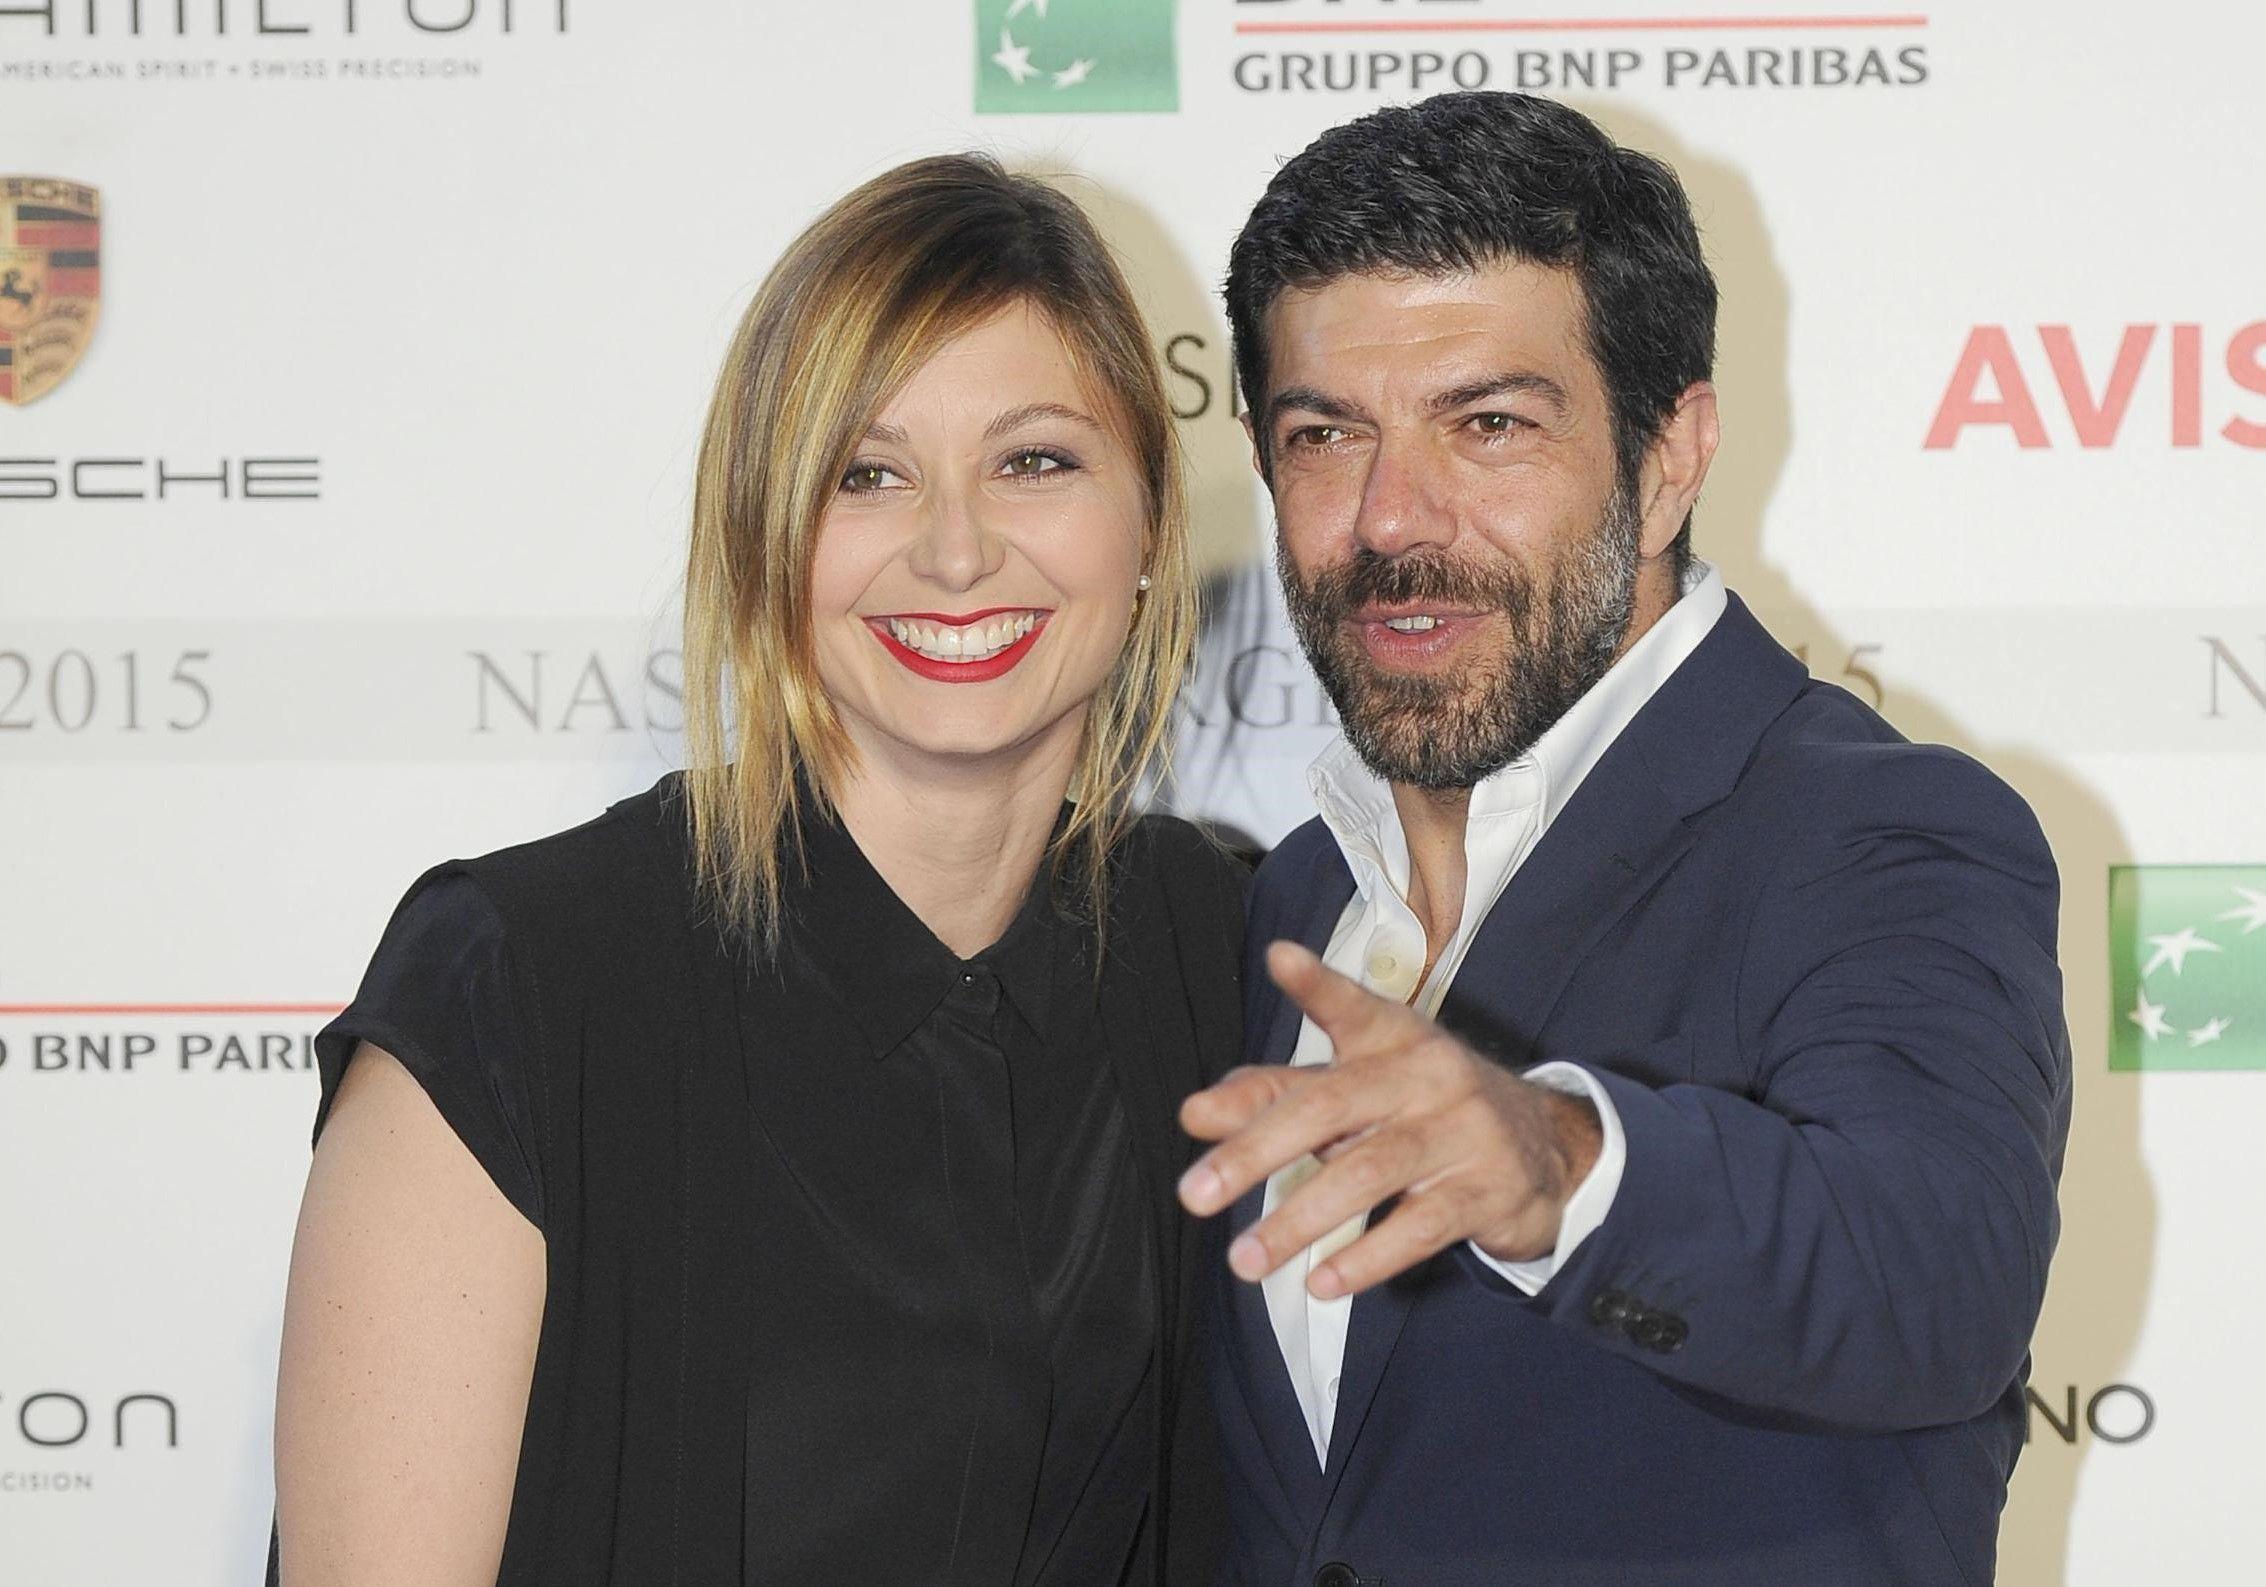 Pierfrancesco Favino e Anna Ferzetti, no al matrimonio: 'La scelta è la coppia'